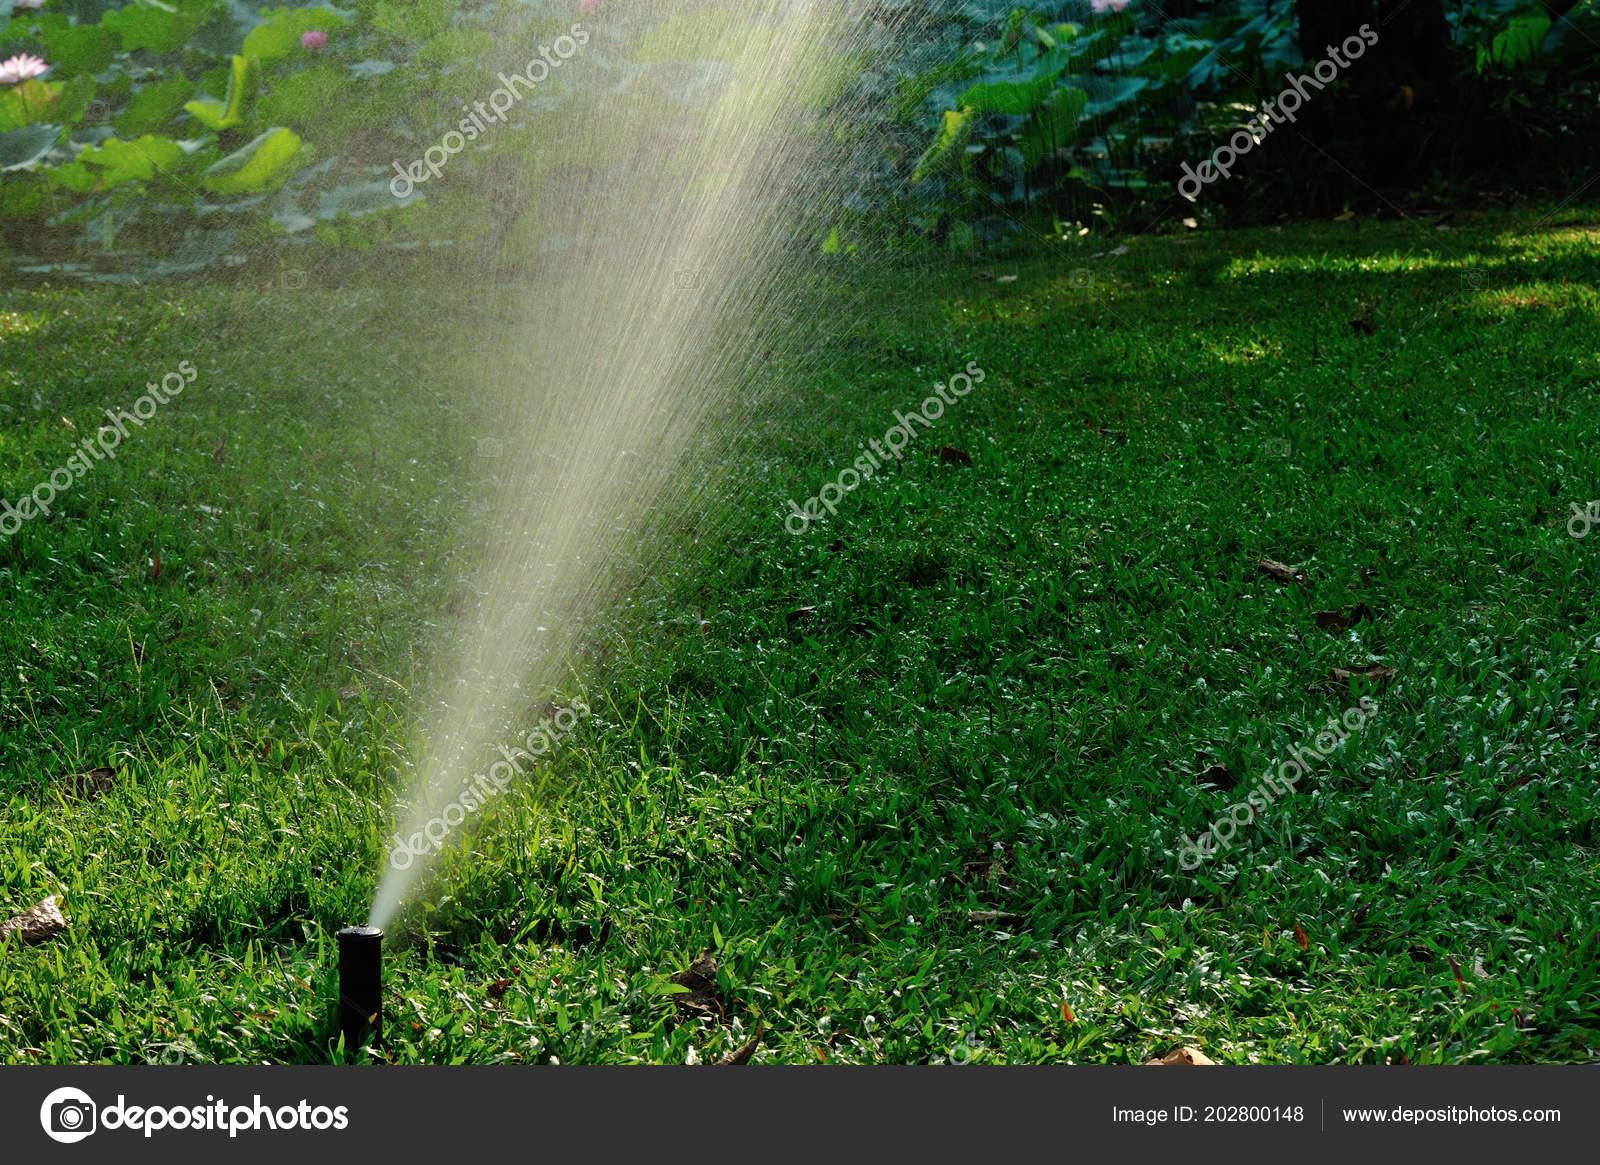 Garten Bewasserung System Spray Bewasserung Rasen Stockfoto C Lzf